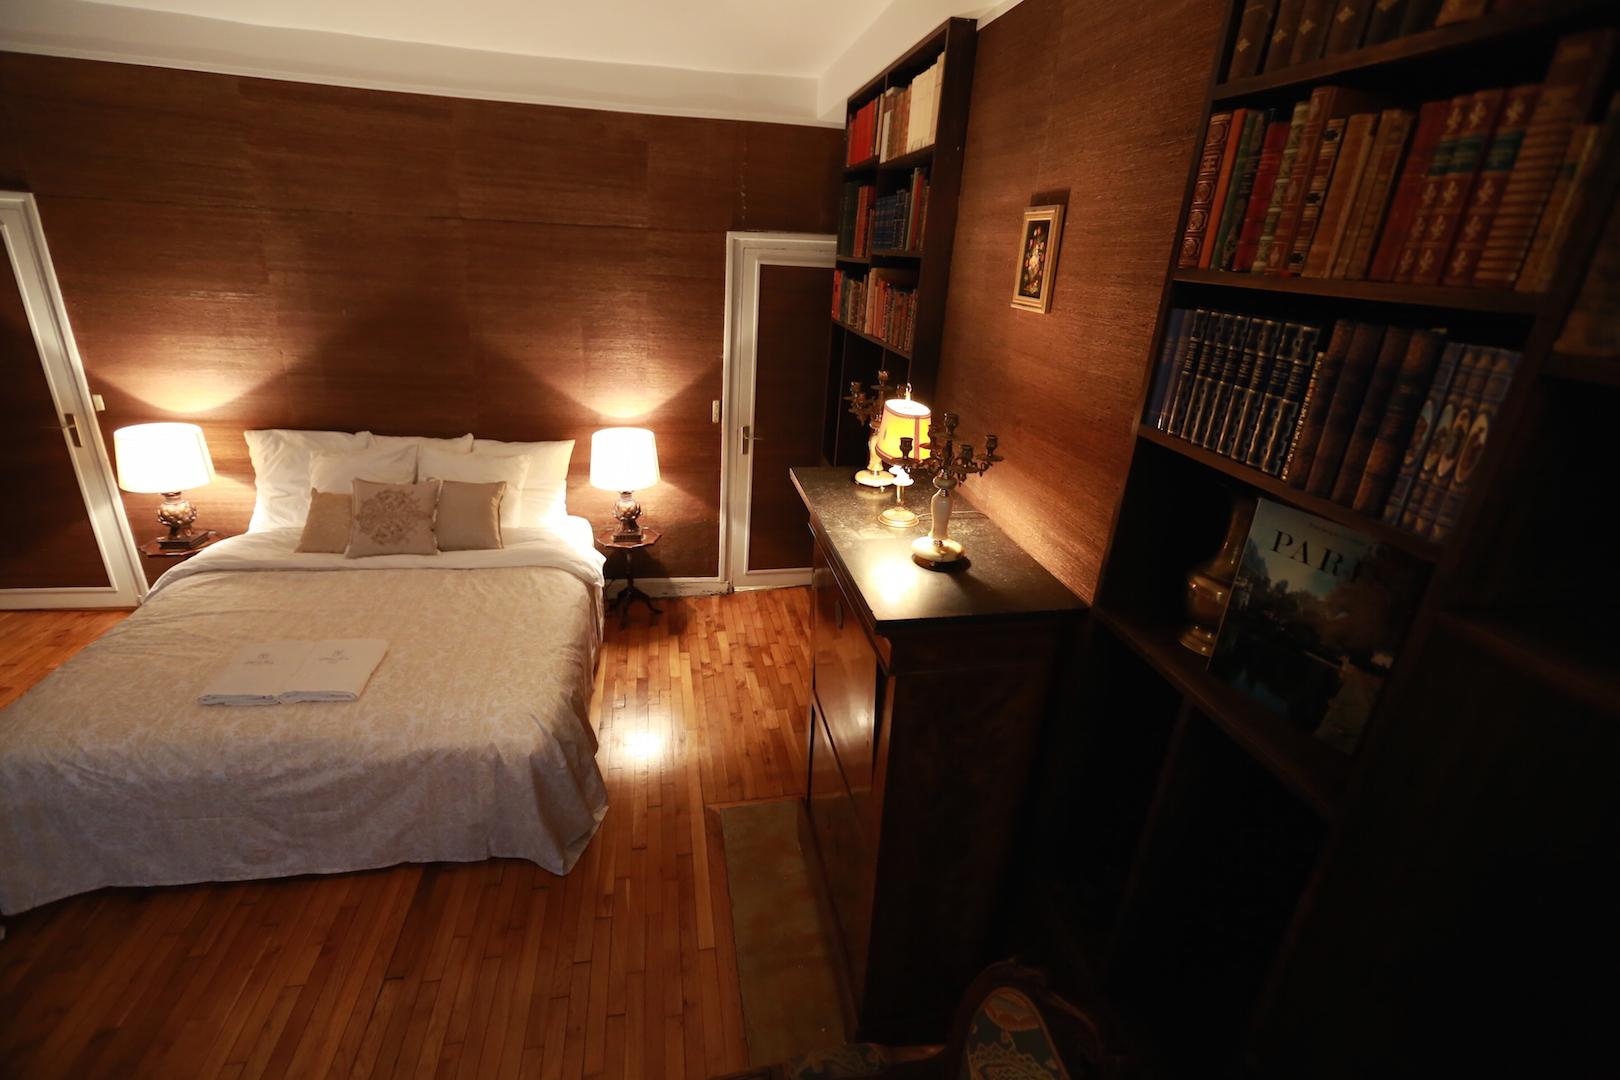 왼쪽 창가에서 전체 컷 침대 서재 레터테이블